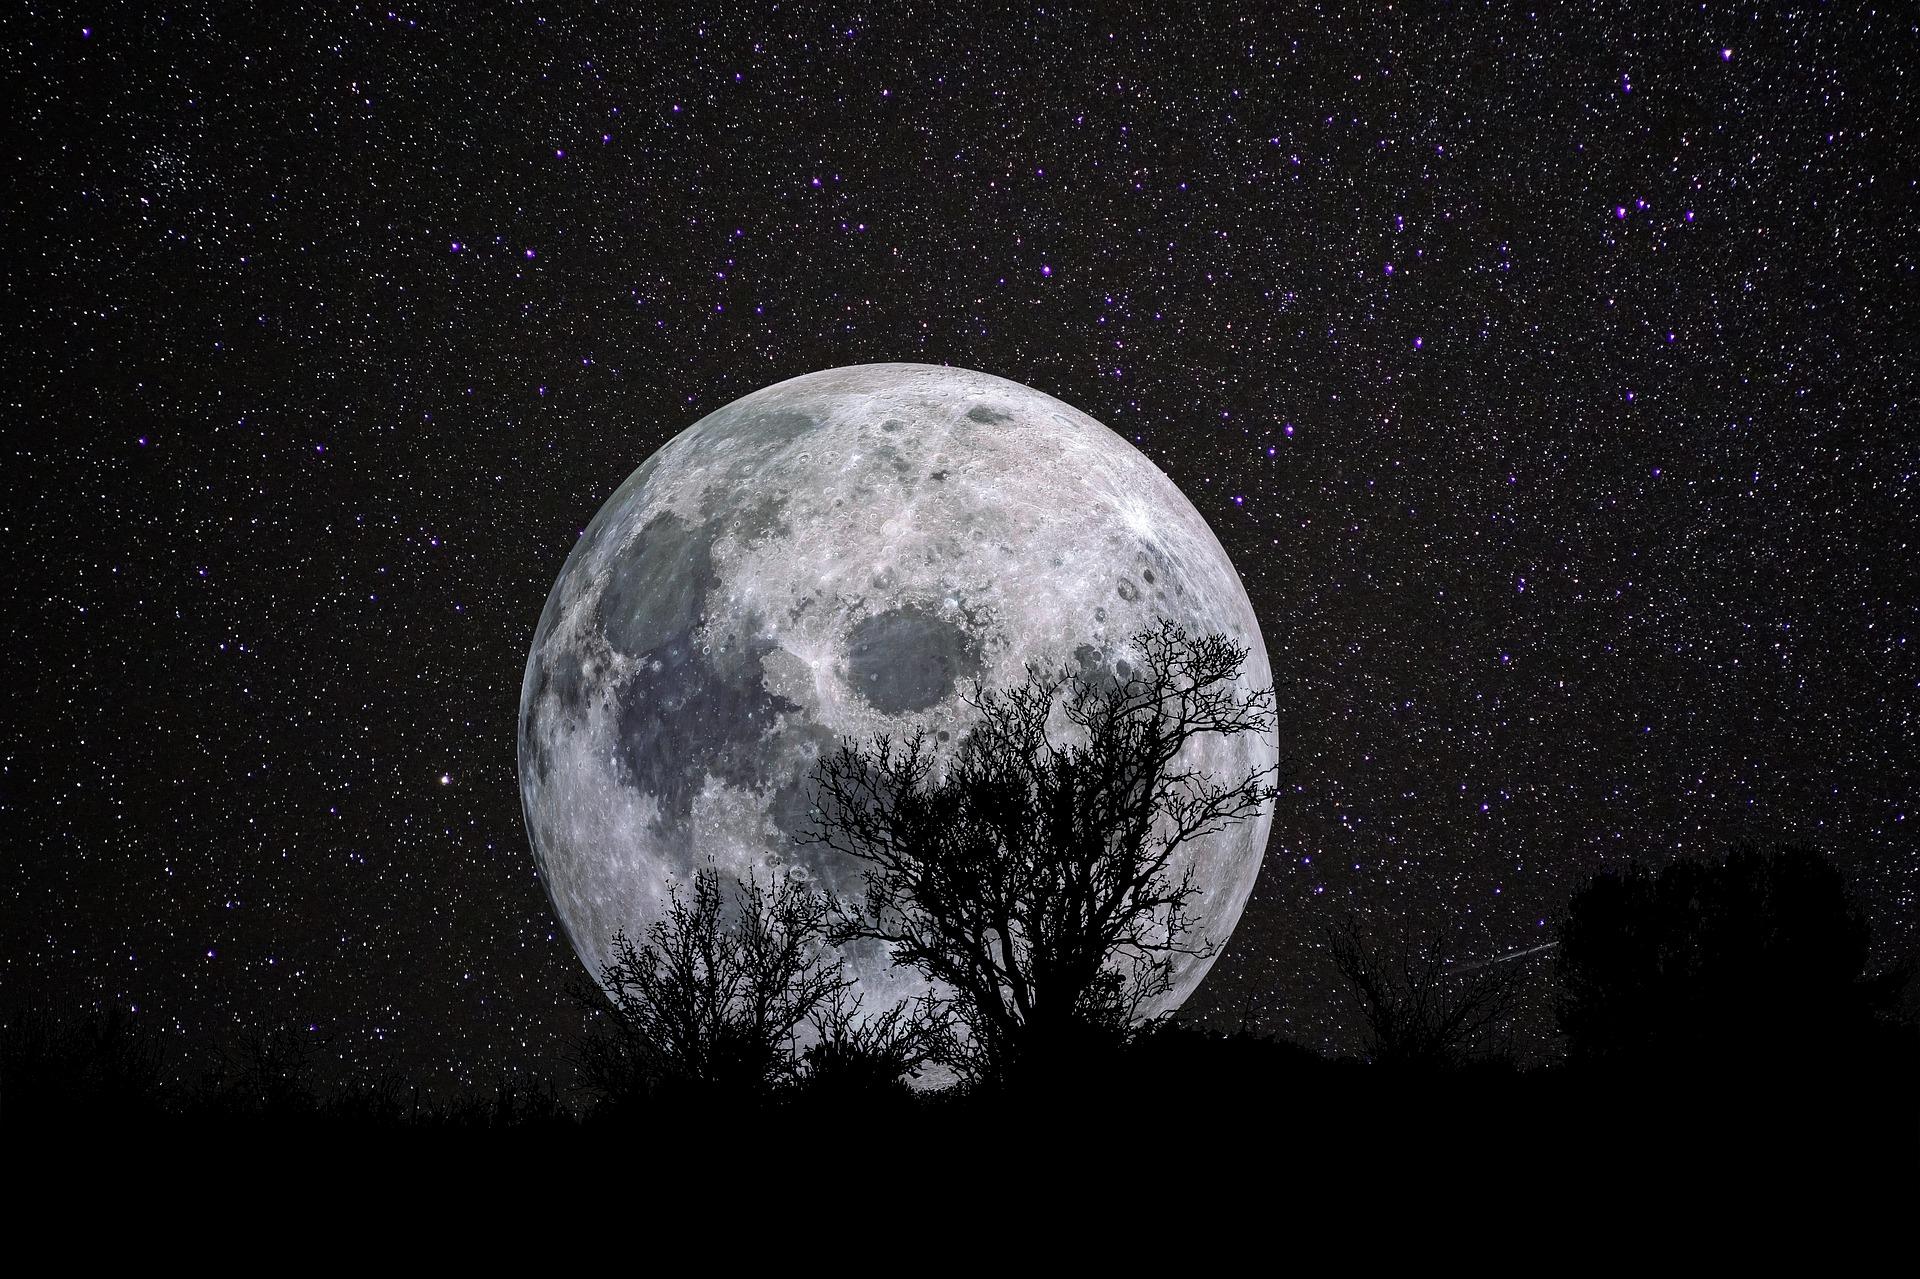 スタージョンムーンで停滞していた運気を動かす!8月の満月に願いを込めて運気アップ&願いが叶うおまじない